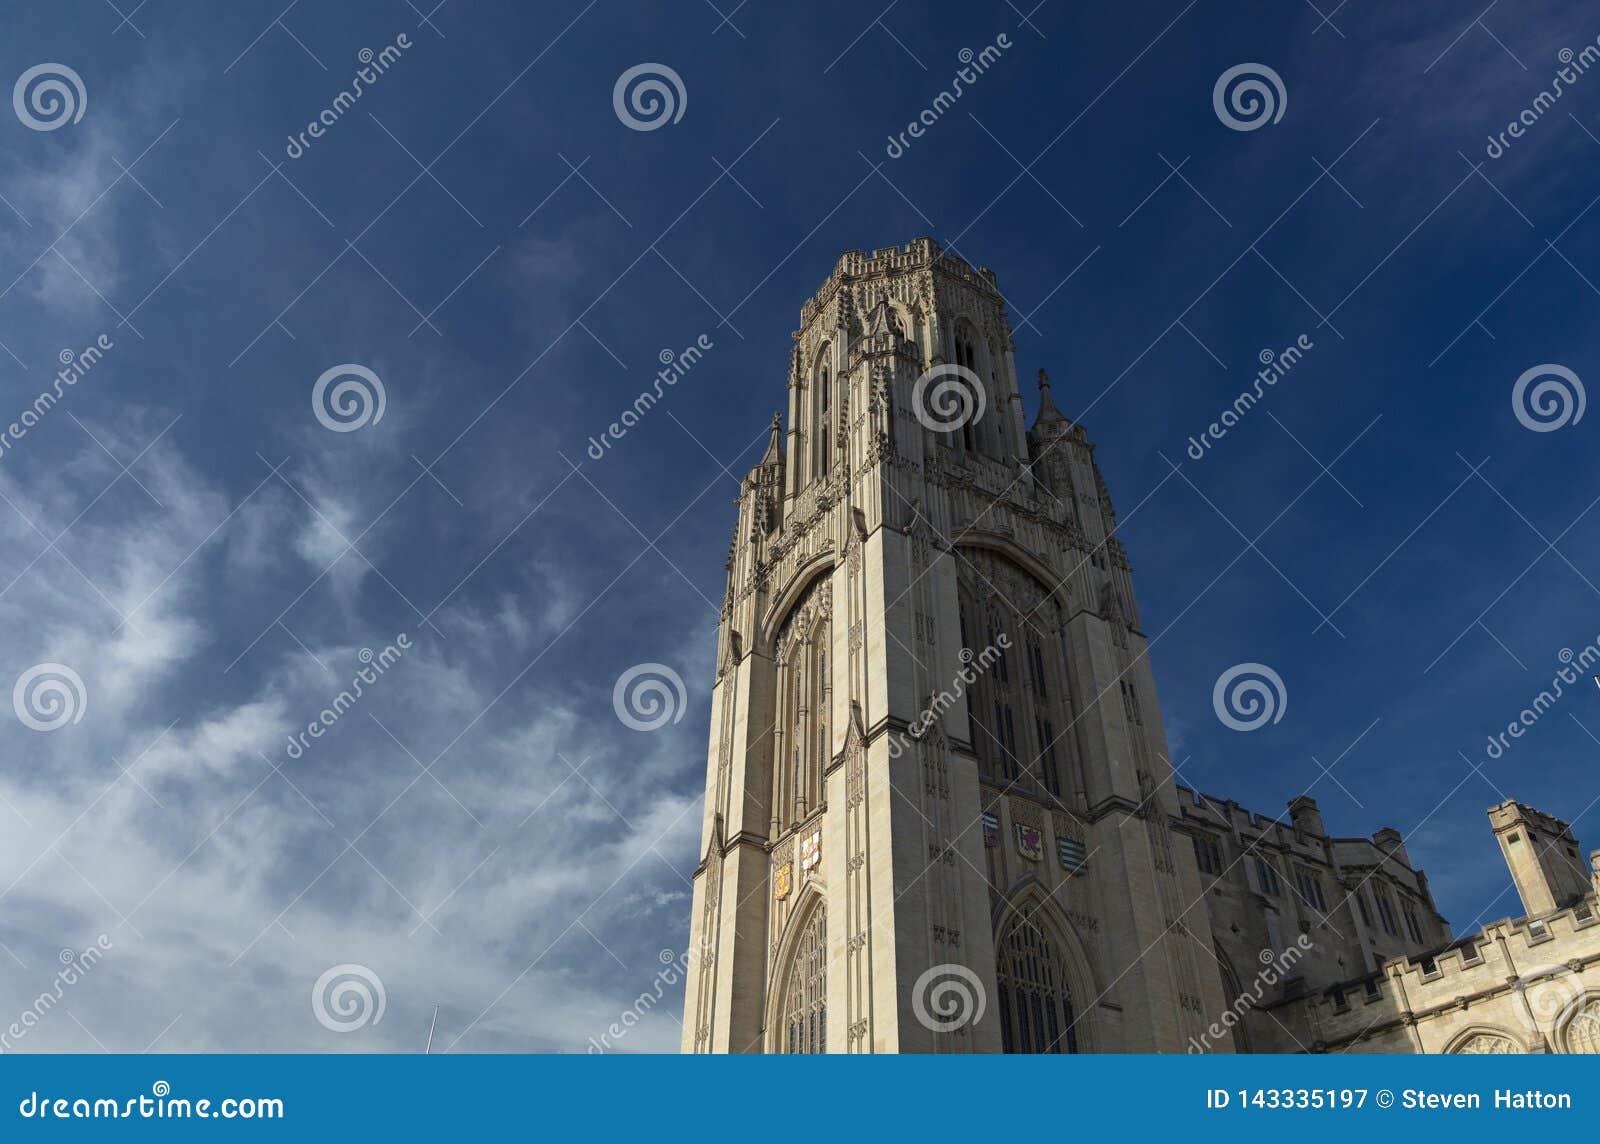 Бристоль, Великобритания, 21-ое февраля 2019, завещает мемориальную строя башню в университете Бристоля